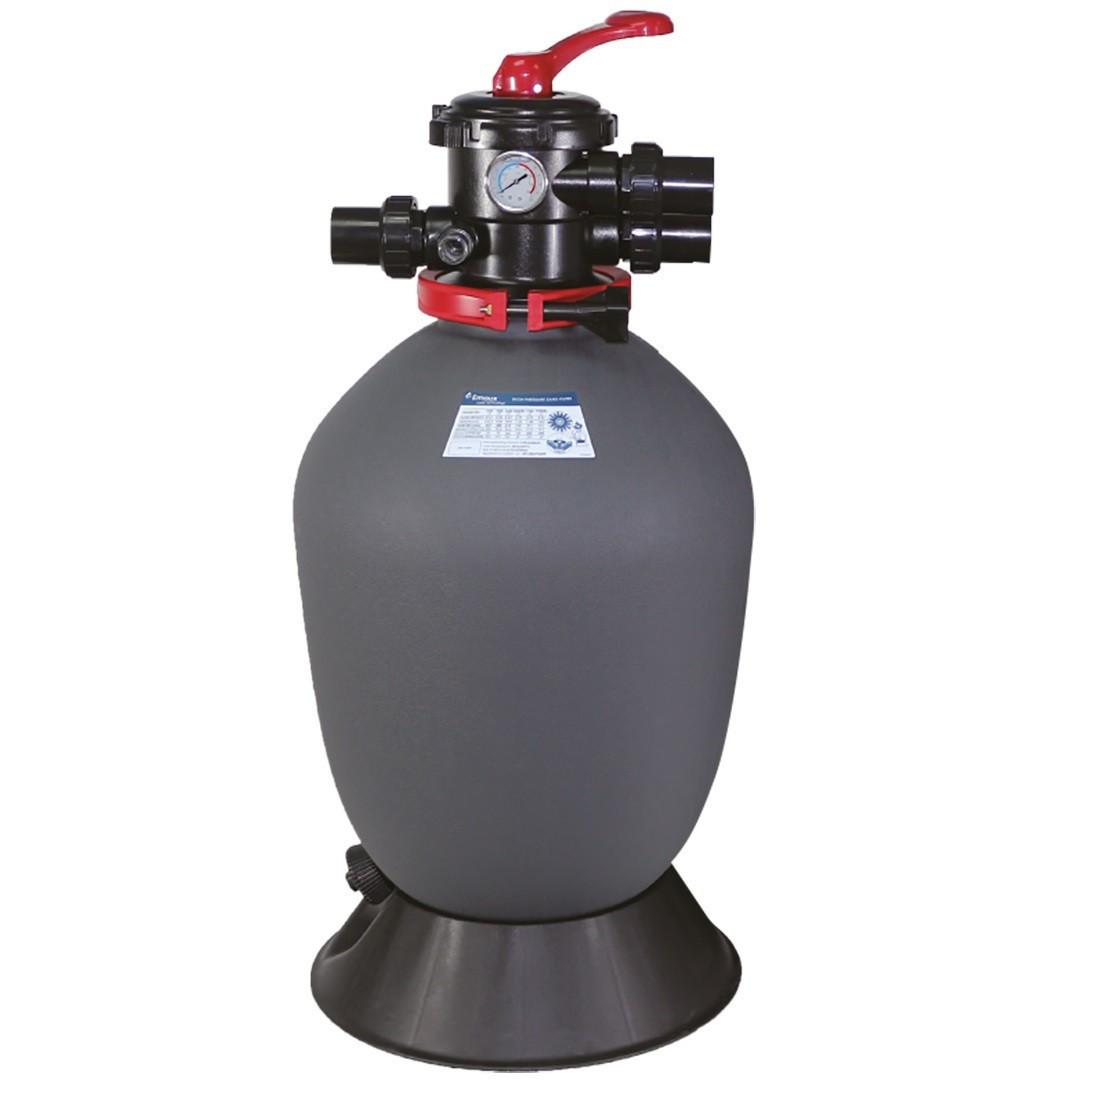 Фильтр Emaux T500 Volumetric (10 м3/час, D508) для бассейна с объёмом воды до 40 м3